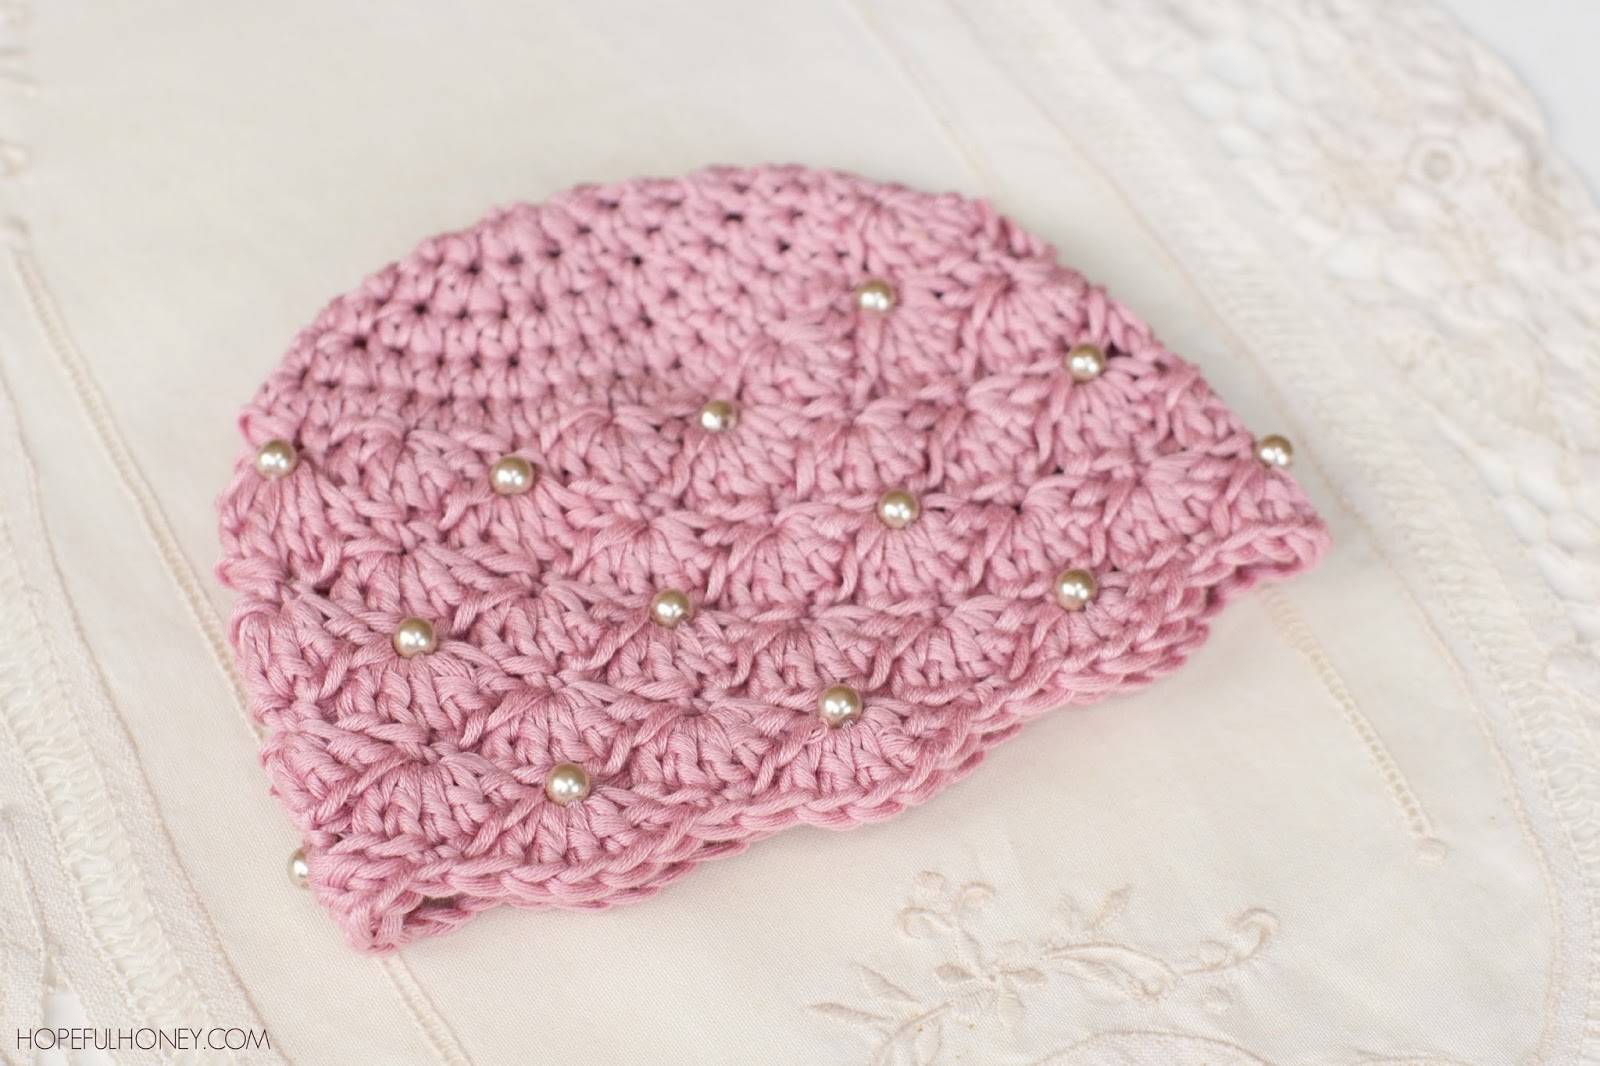 crochet baby hats hope ... ZUDWTIA